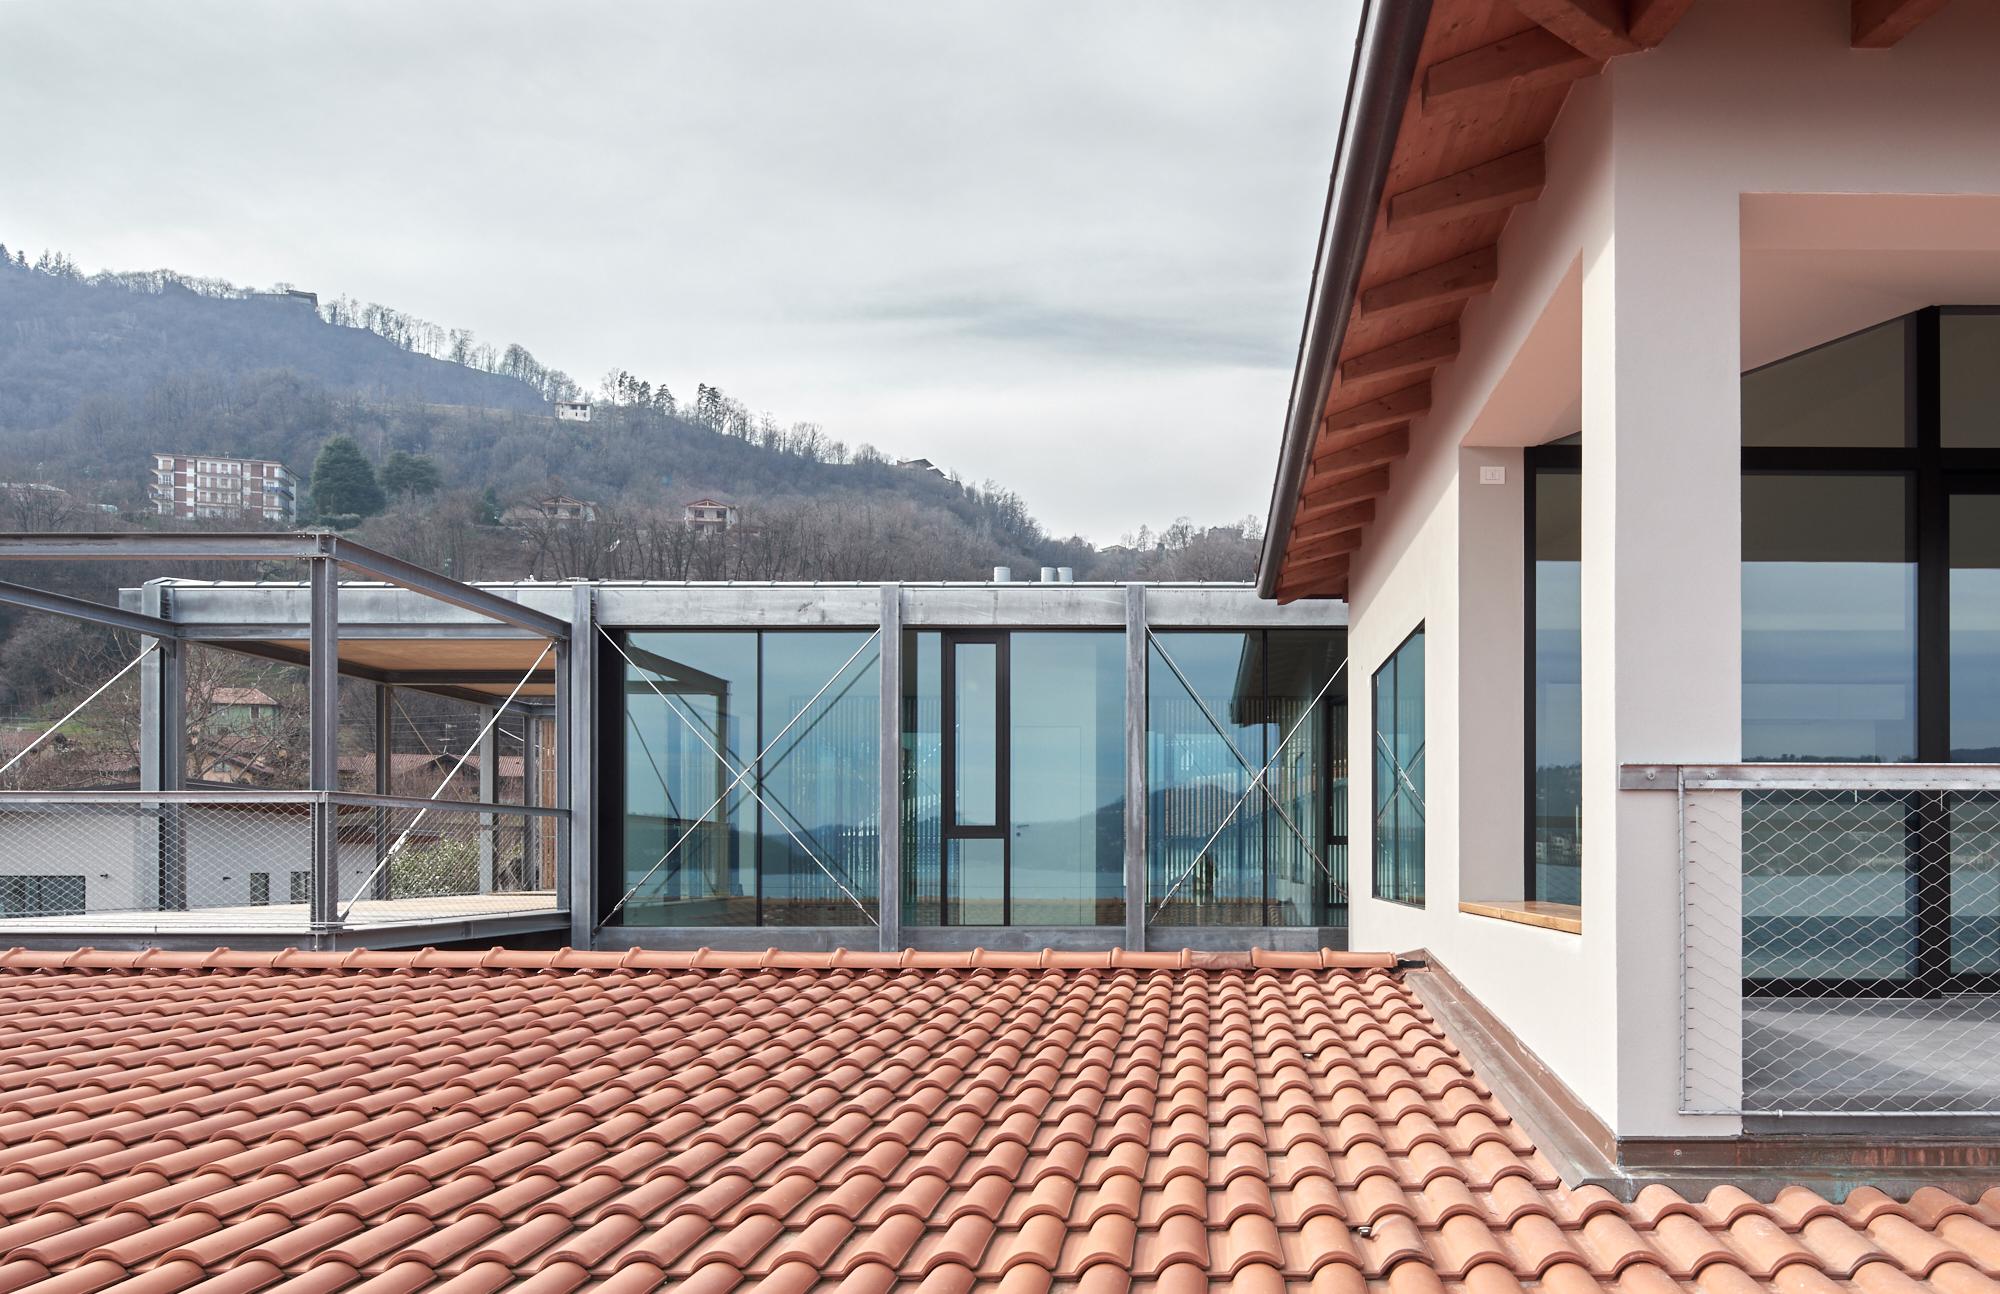 Umbau Villa am See Pella: Ostfassade